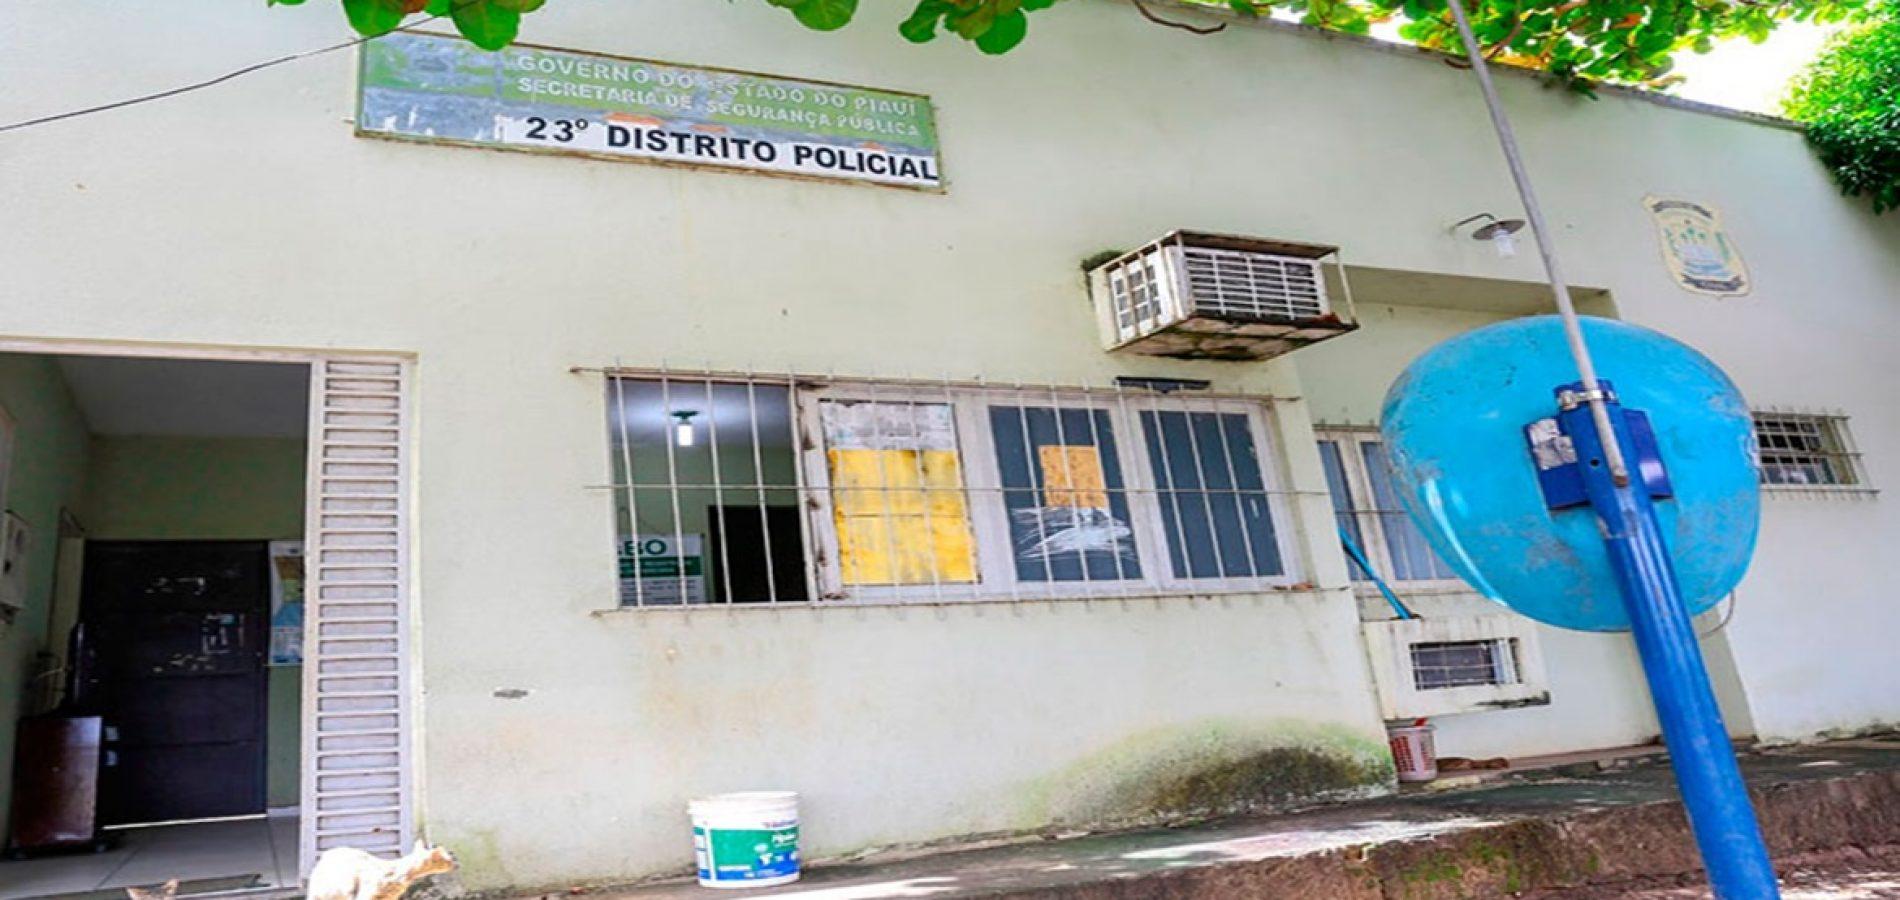 Feto é encontrado em casa no Piauí e polícia abre investigação